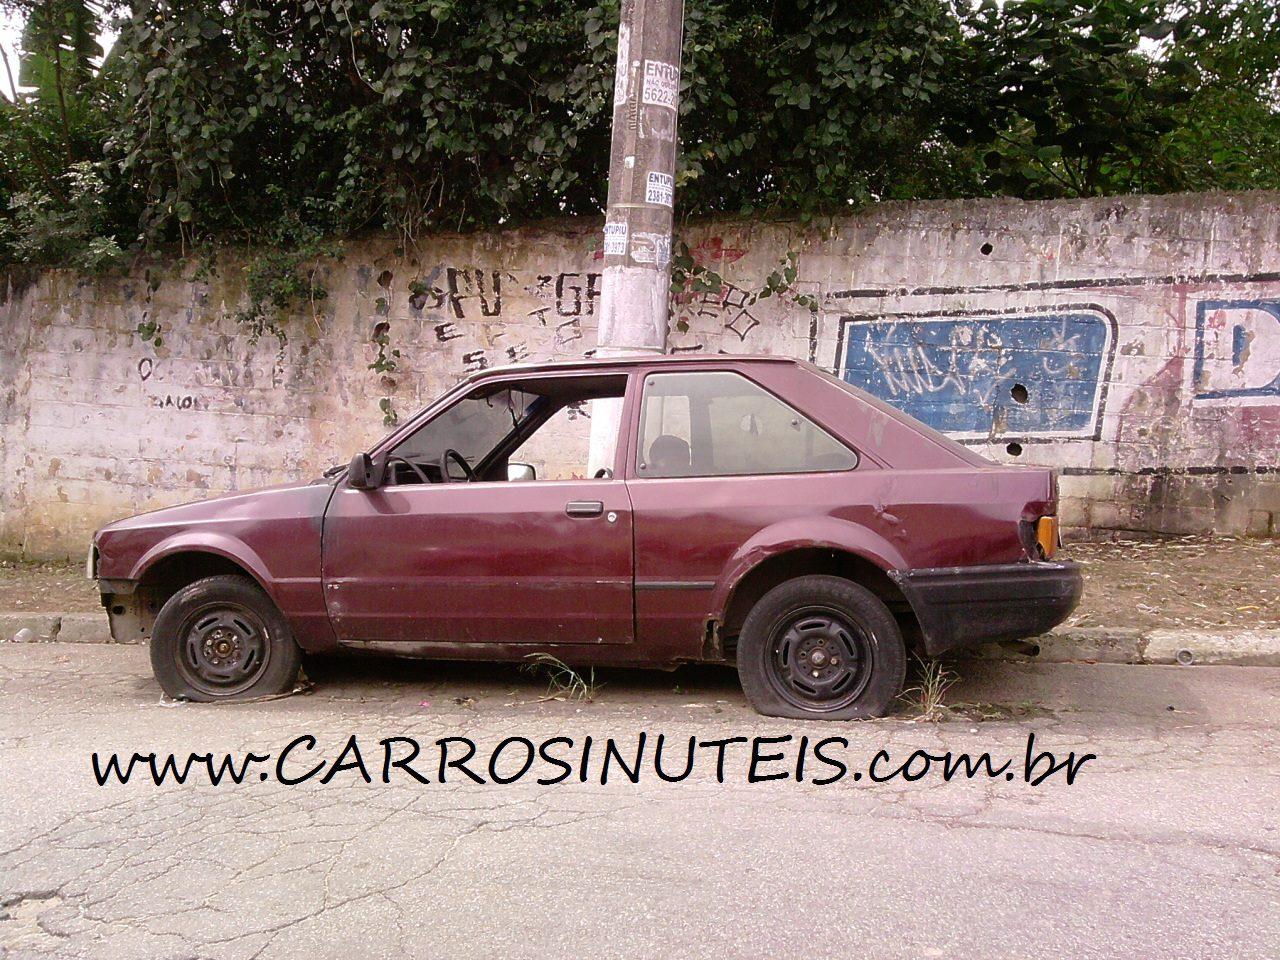 Danilo_Escort_Diadema01 Ford Escort, Diadema, SP. Foto de Danilo.